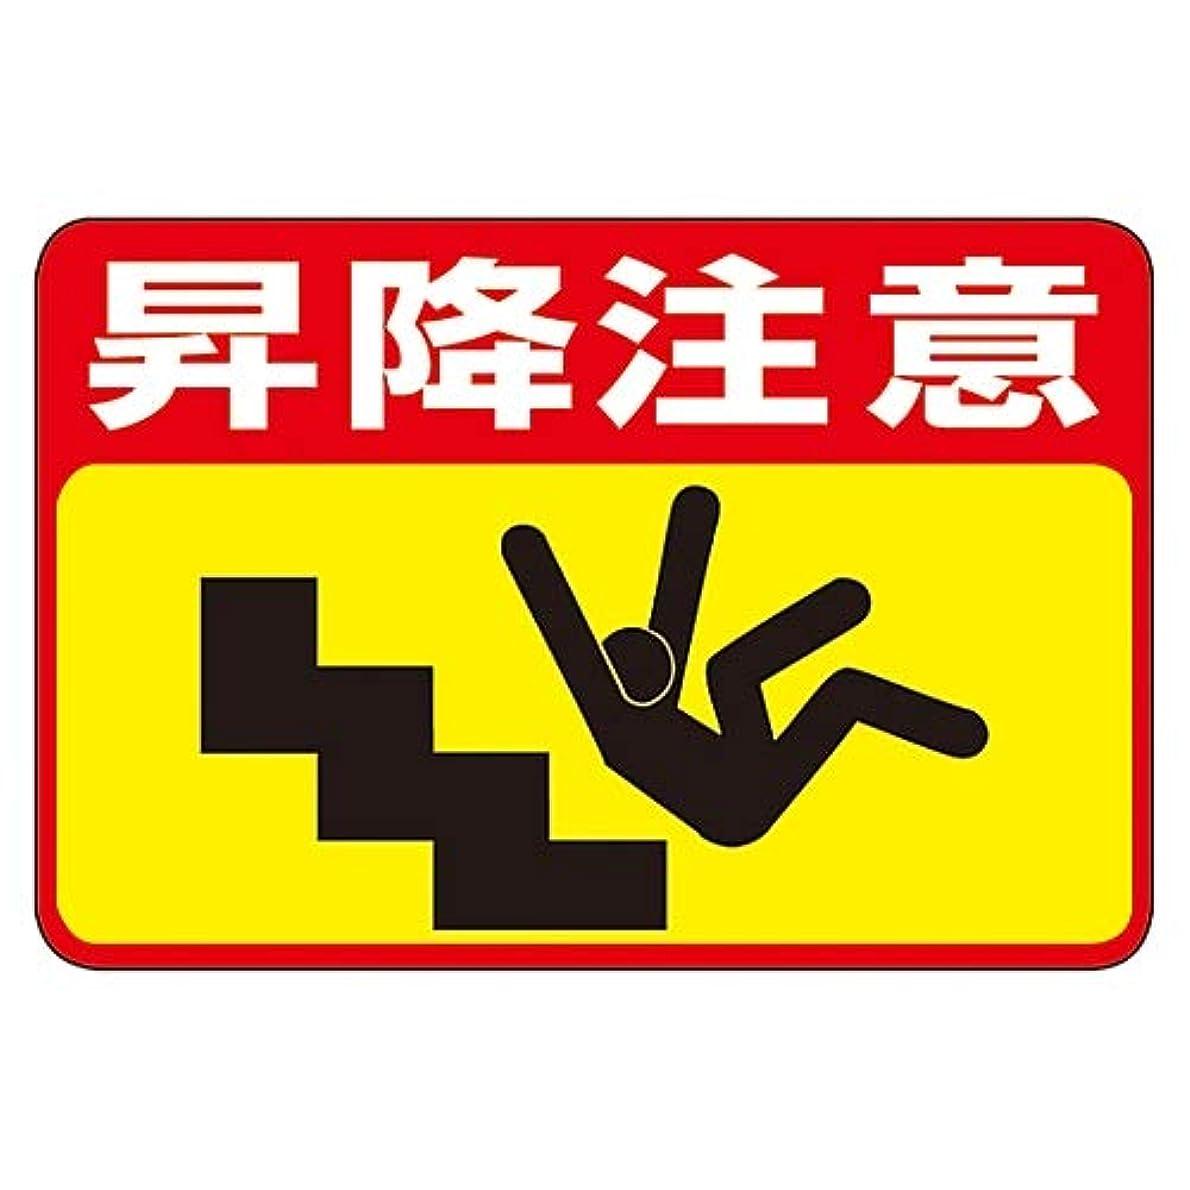 好きである工業化する防水路面標識 ?昇降注意? 路面-42/61-3391-66